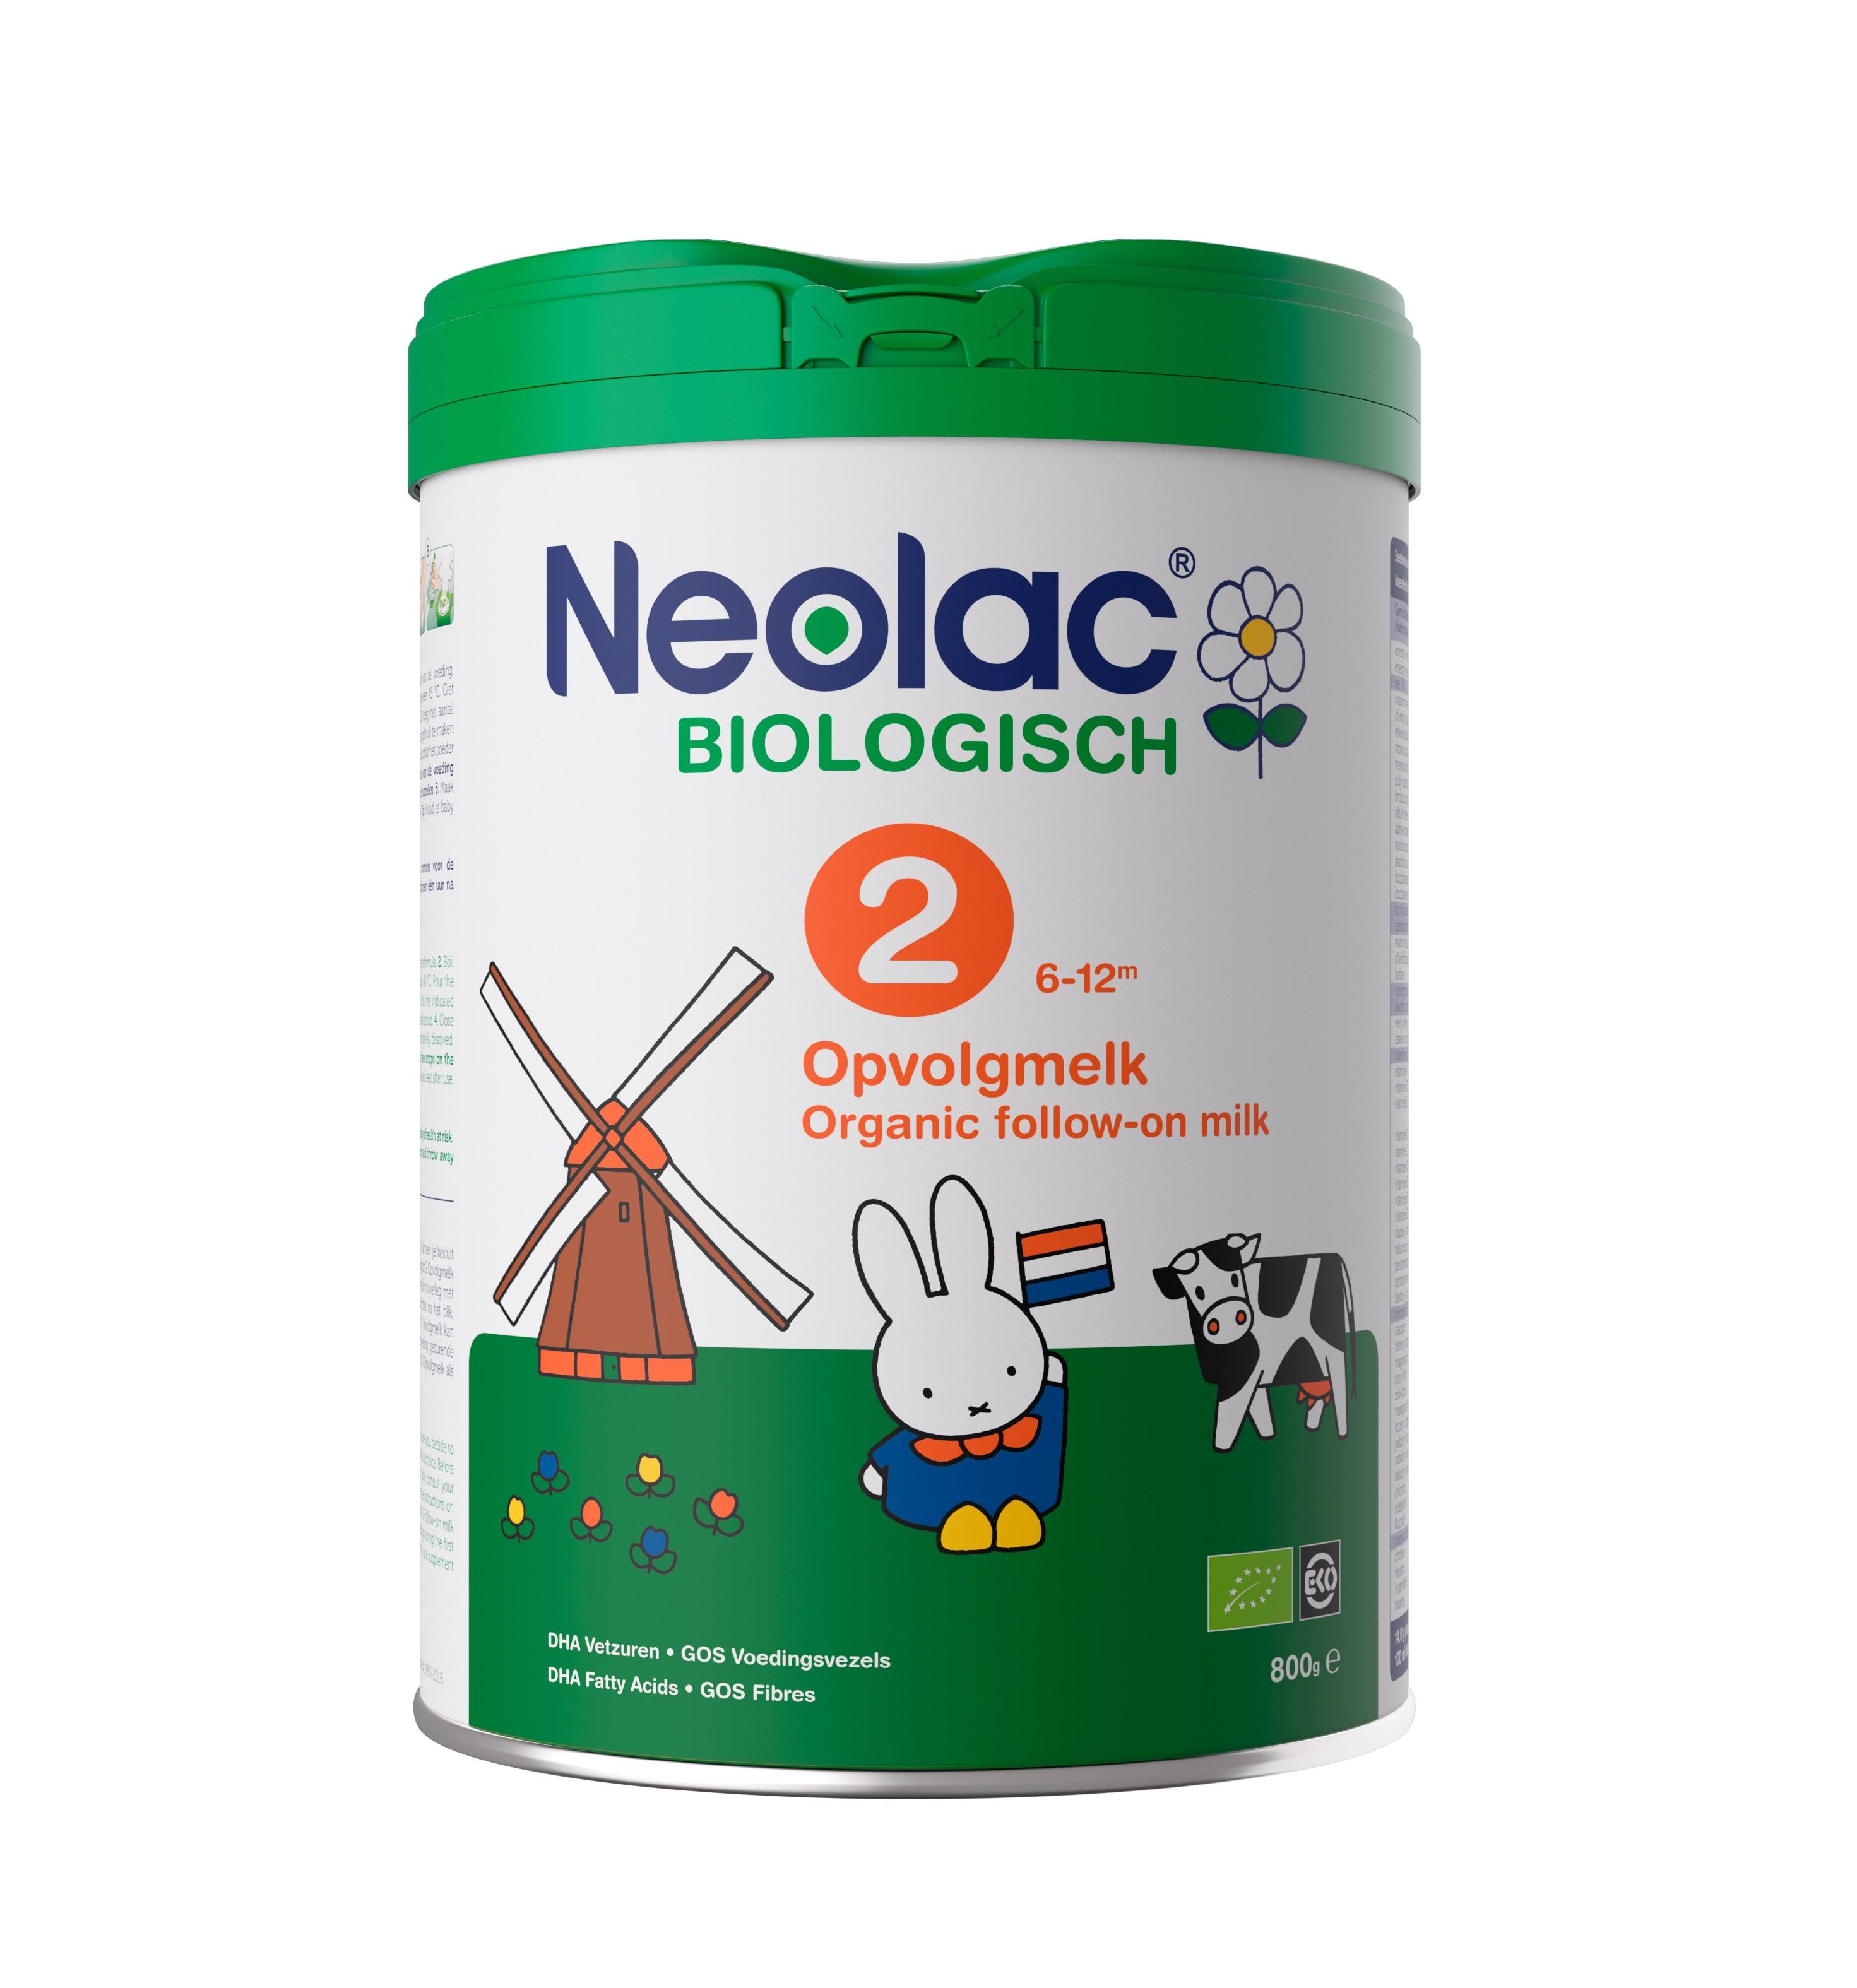 Neolac voeding groeispurt biologische kindervoeding- PRmatters